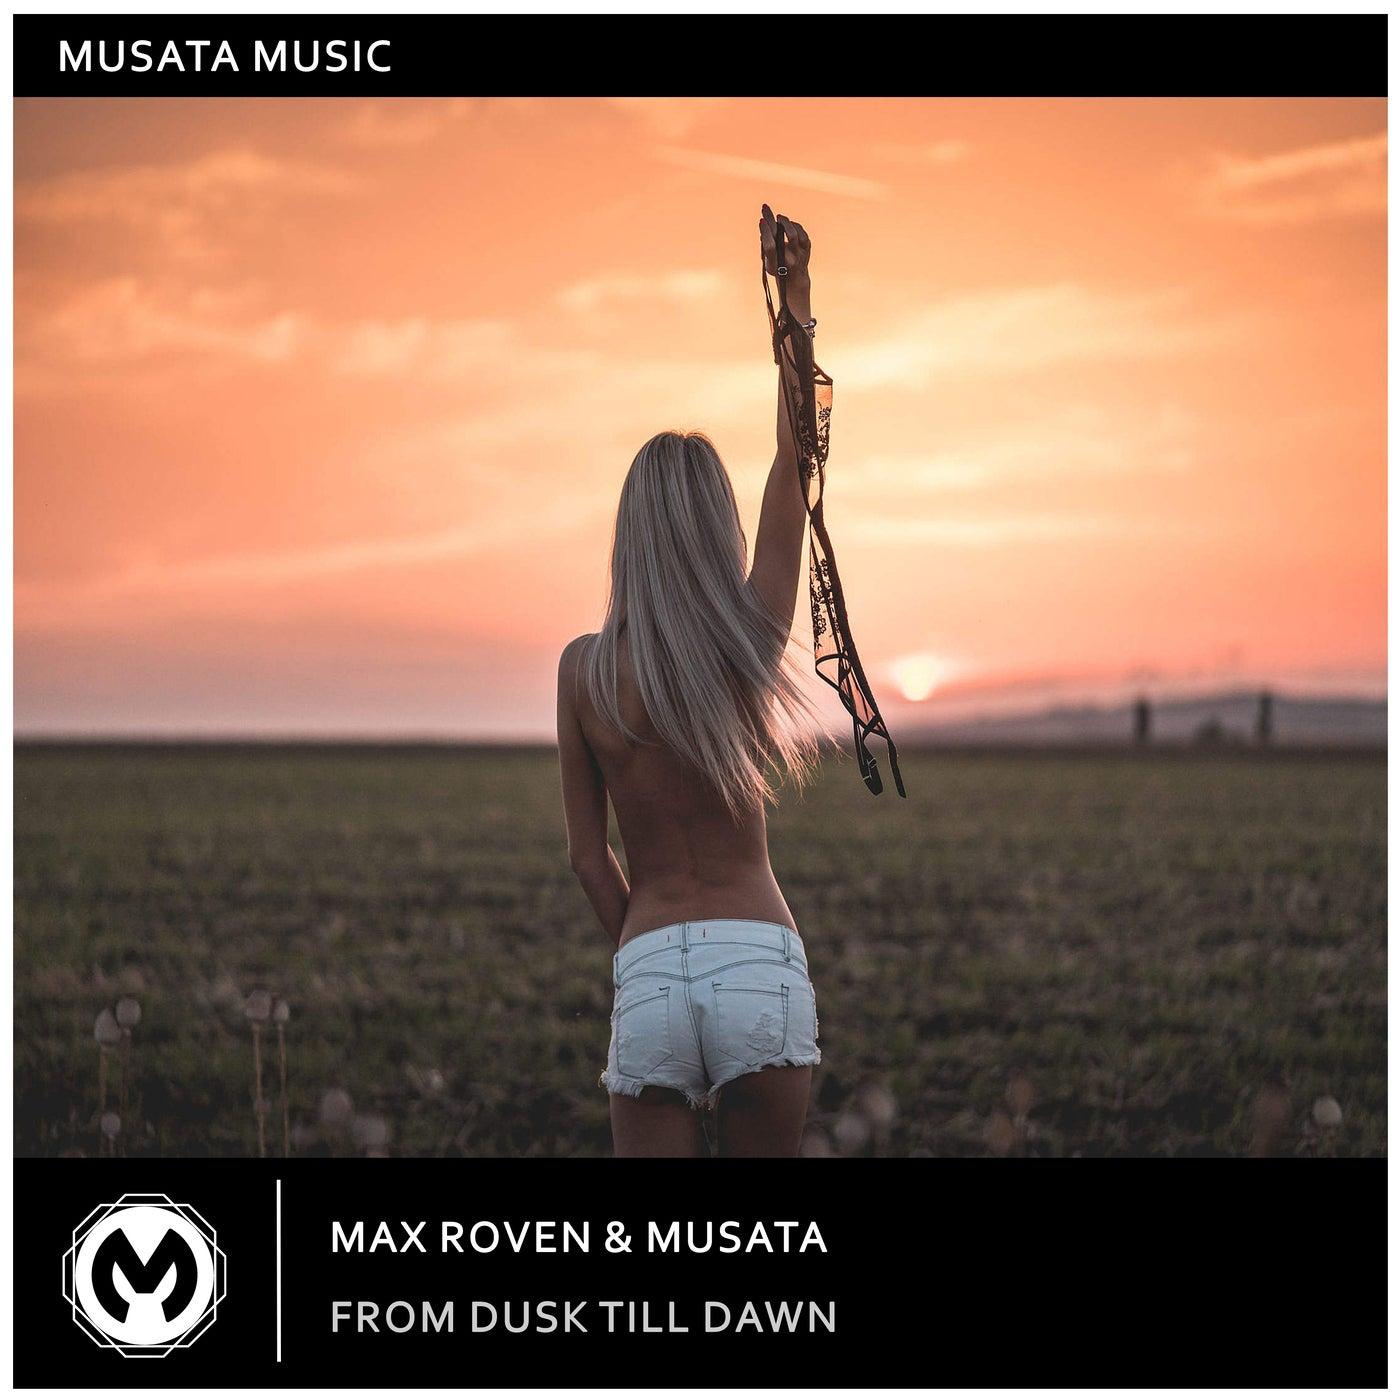 From Dusk Till Dawn (Original mix)